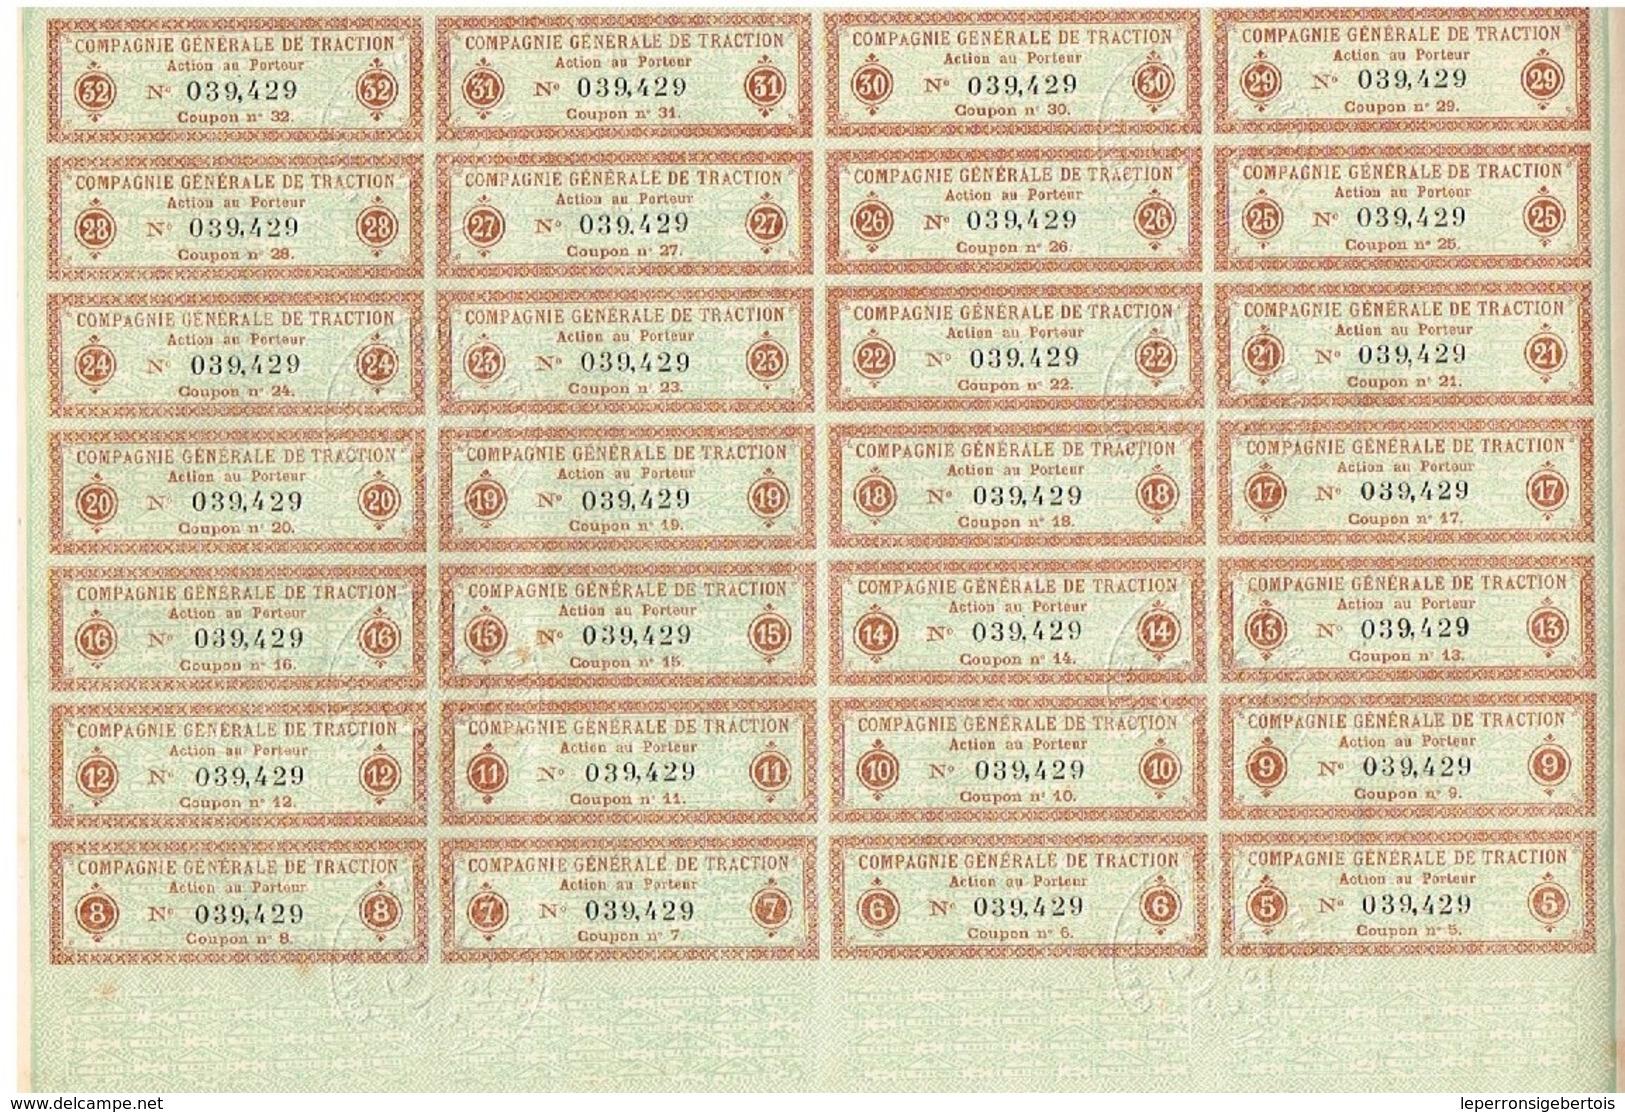 Ancienne Action - Compagnie Générale De Traction  - Titre De 1902 - Déco - Imprimerie Chaix - Titre N°039429 - Chemin De Fer & Tramway